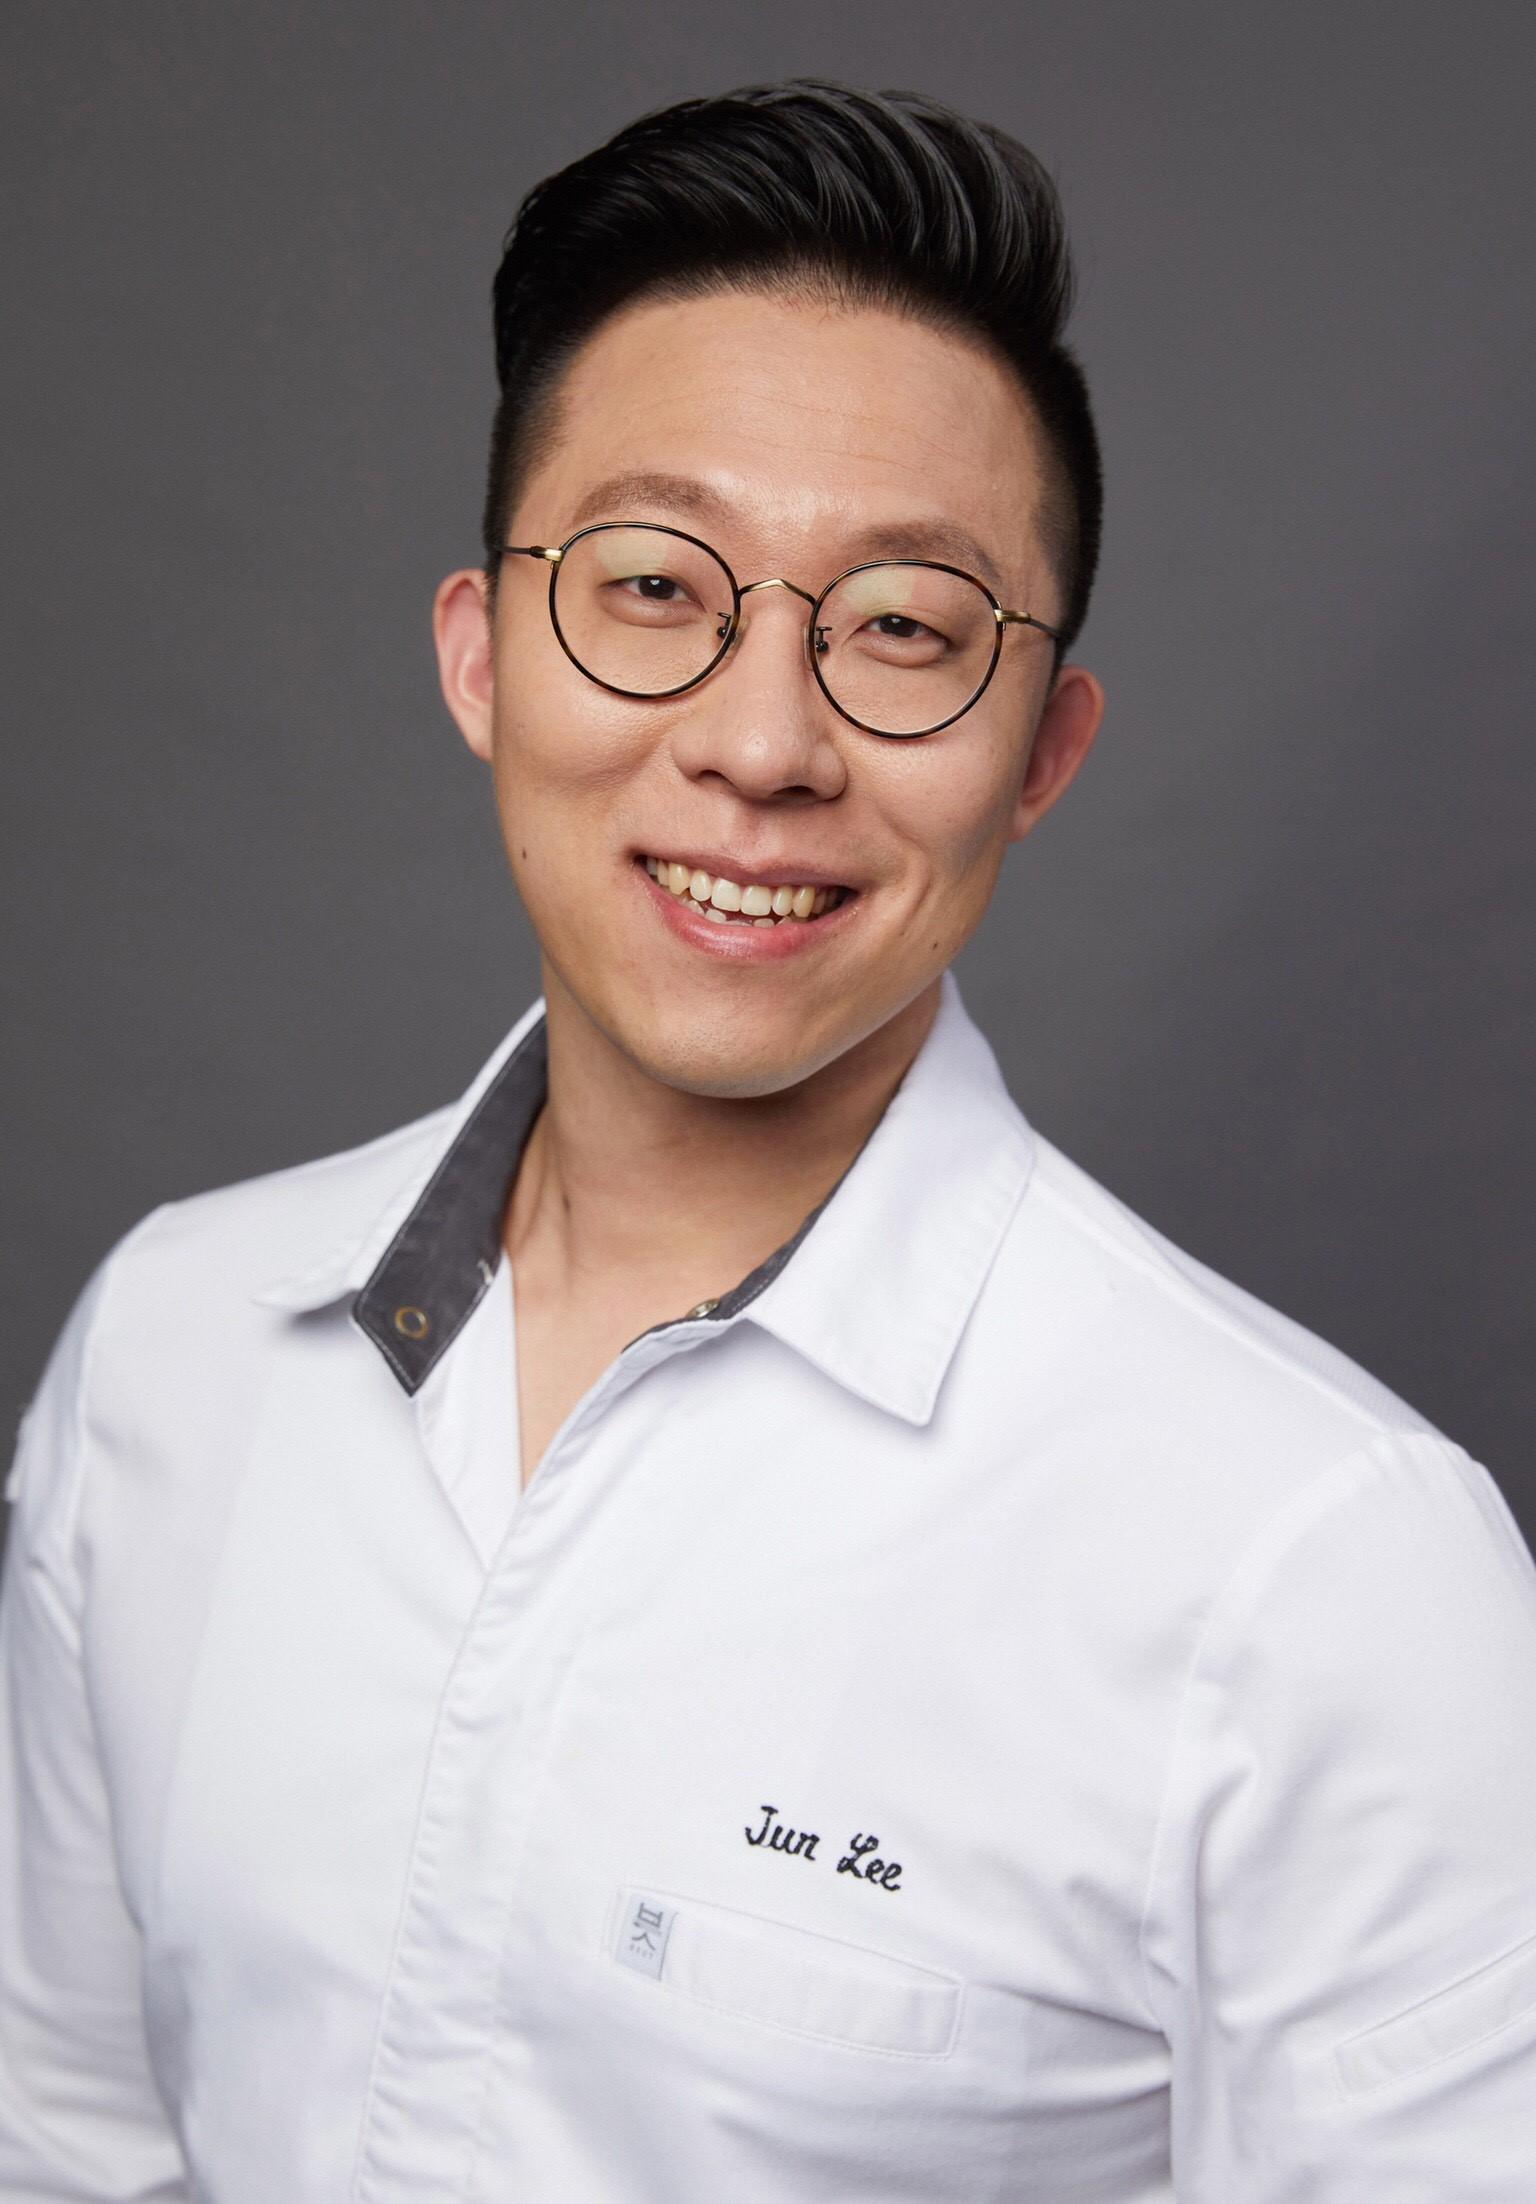 đầu bếp Jun Lee - Passion Week